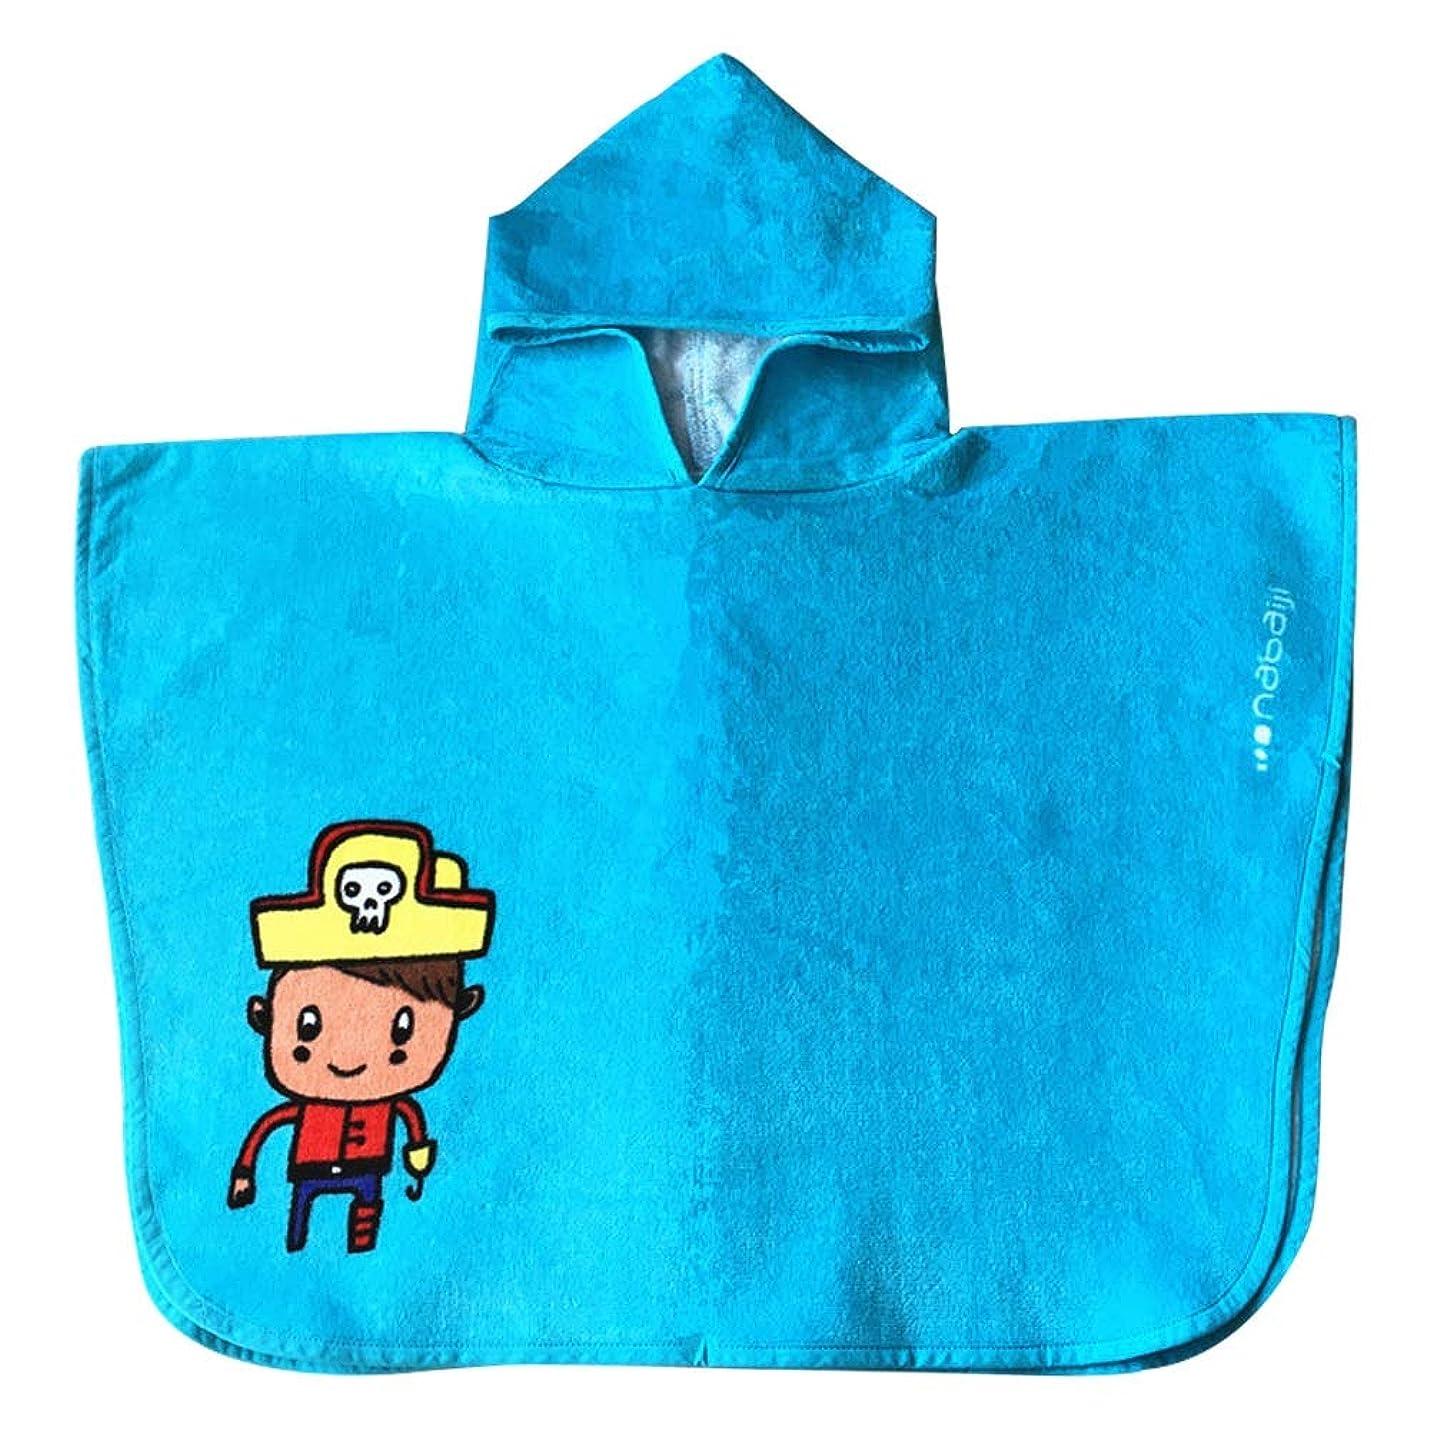 原油福祉コインキッズ/幼児タオル - 綿100% - キッズバスタオルビーチタオルプールスイミングカバーアップなどに使用 - すべての季節のための超通気性とソフト - 45 * 70 cm / 17.5 * 27.5インチ (Color : Blue)